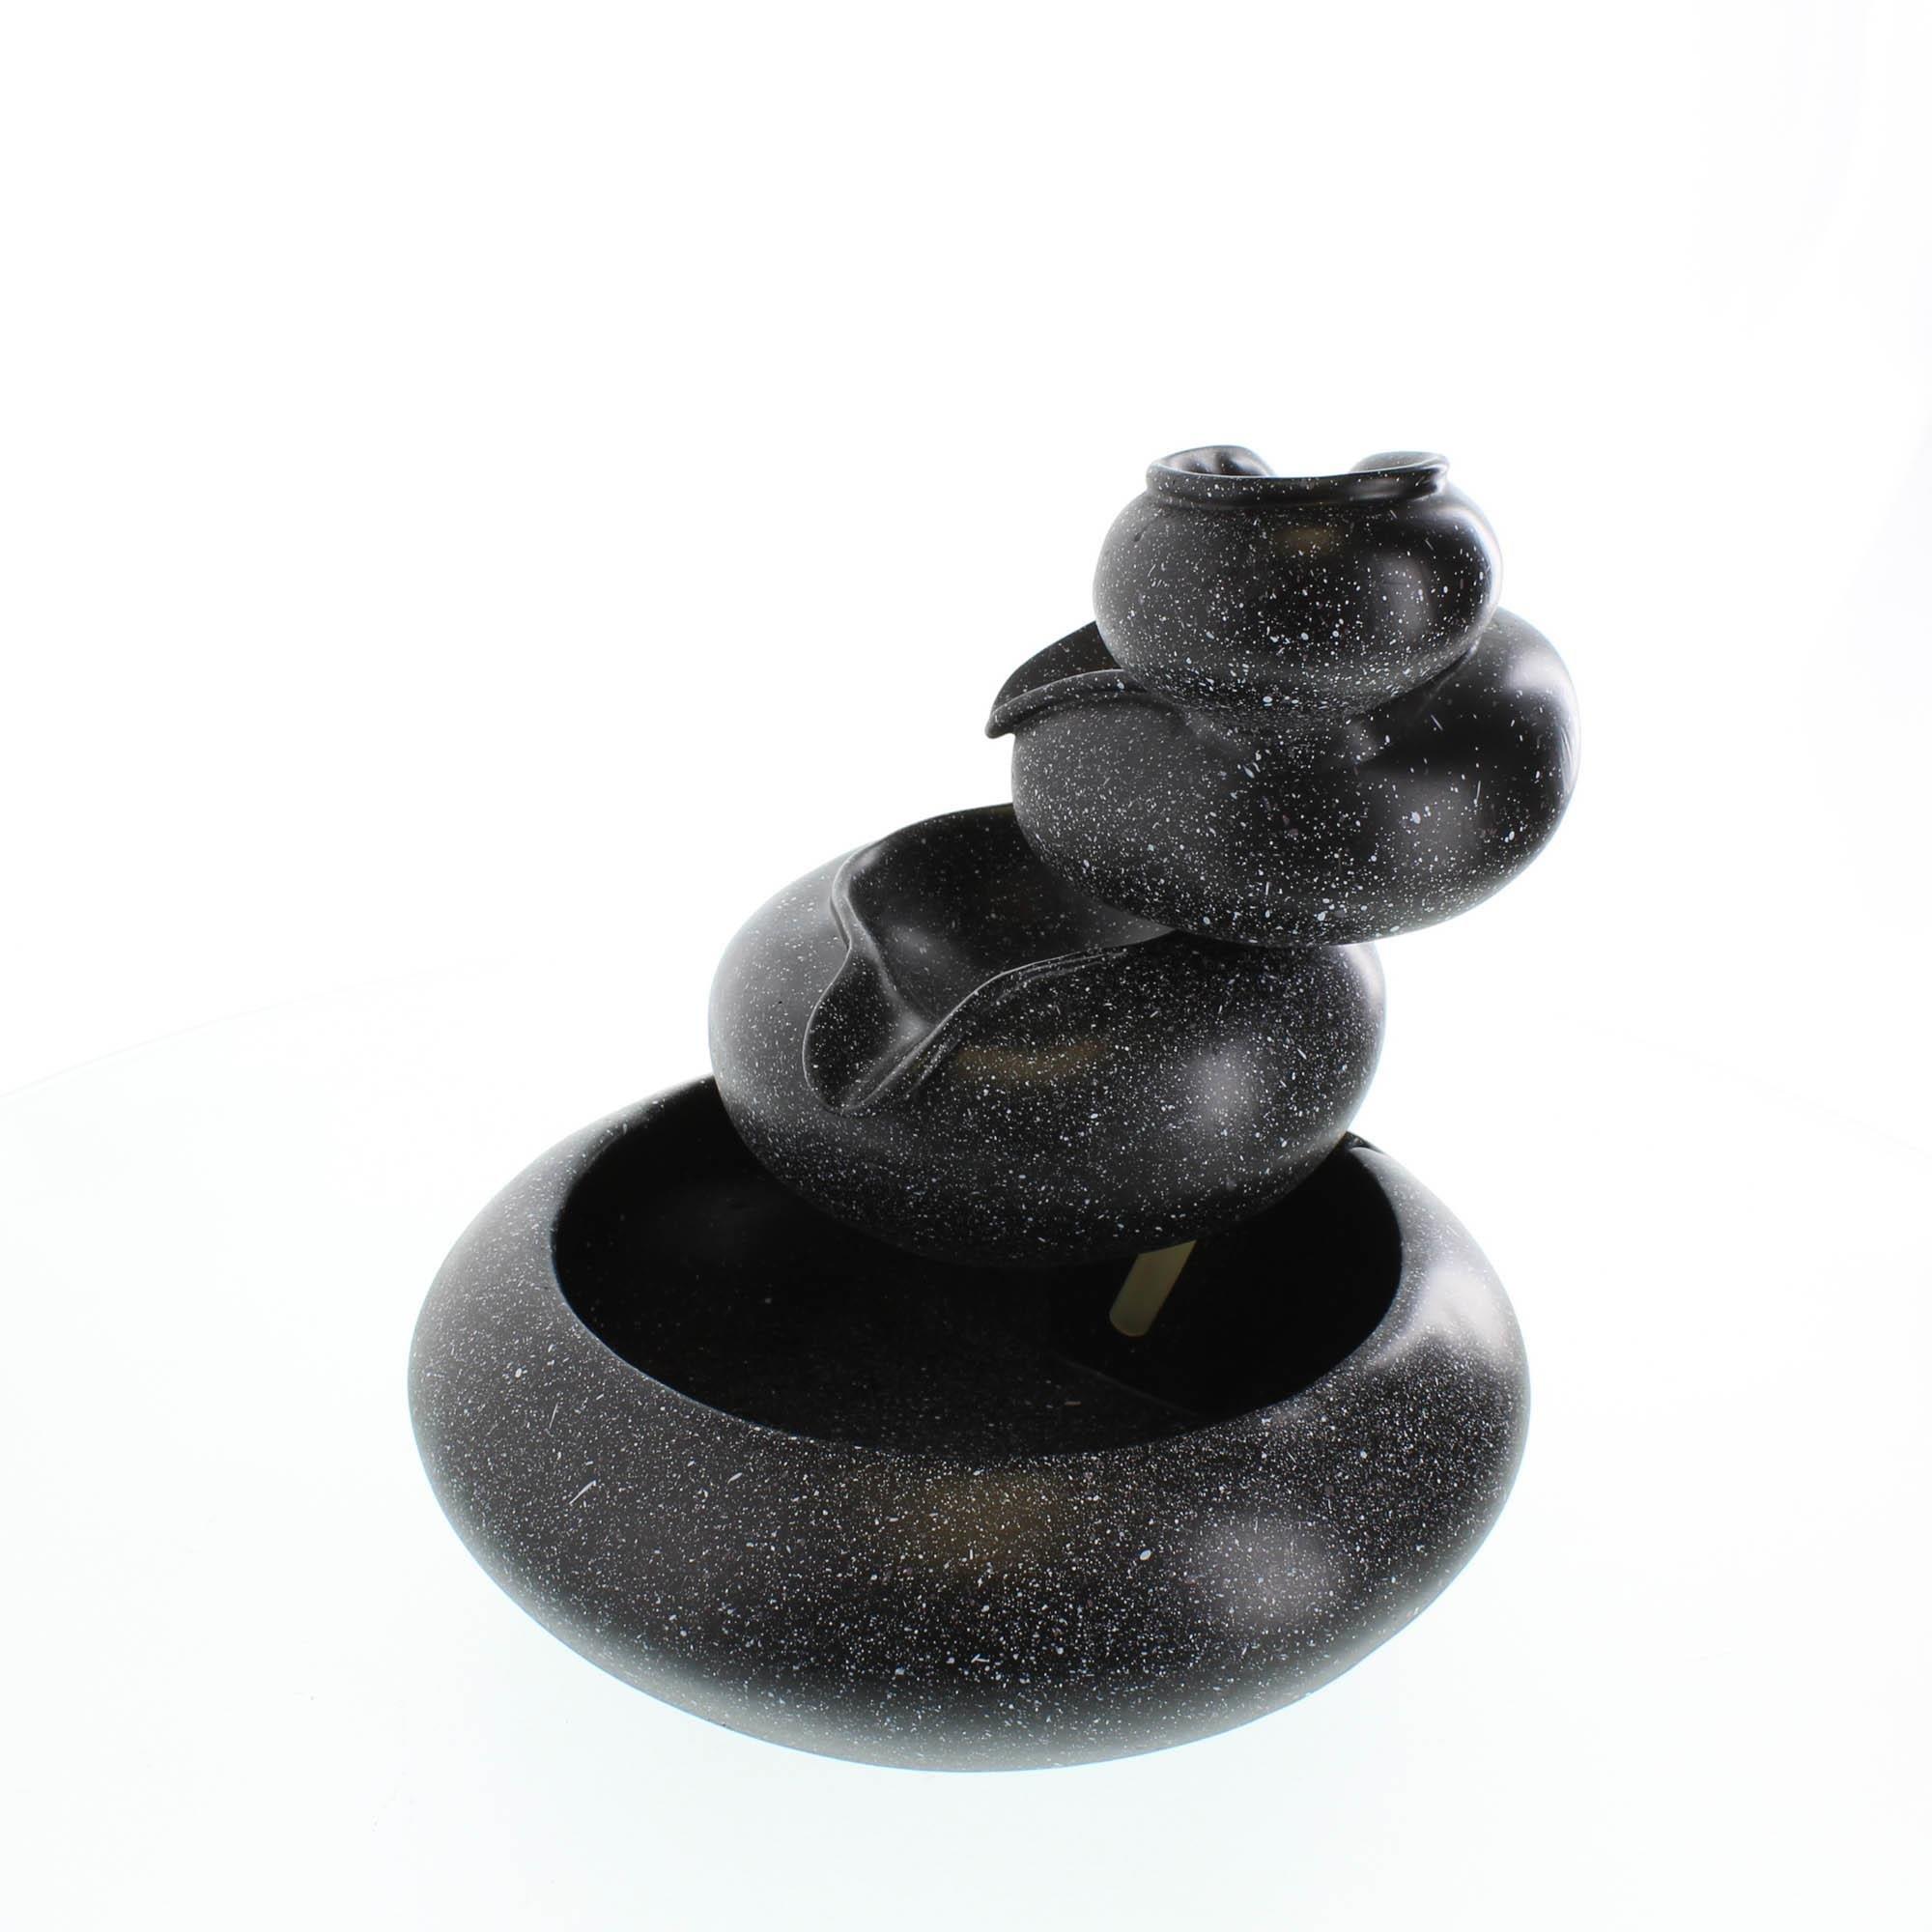 Small Water Fountain, Contemporary Rock Fountain For Home, Granite Finish